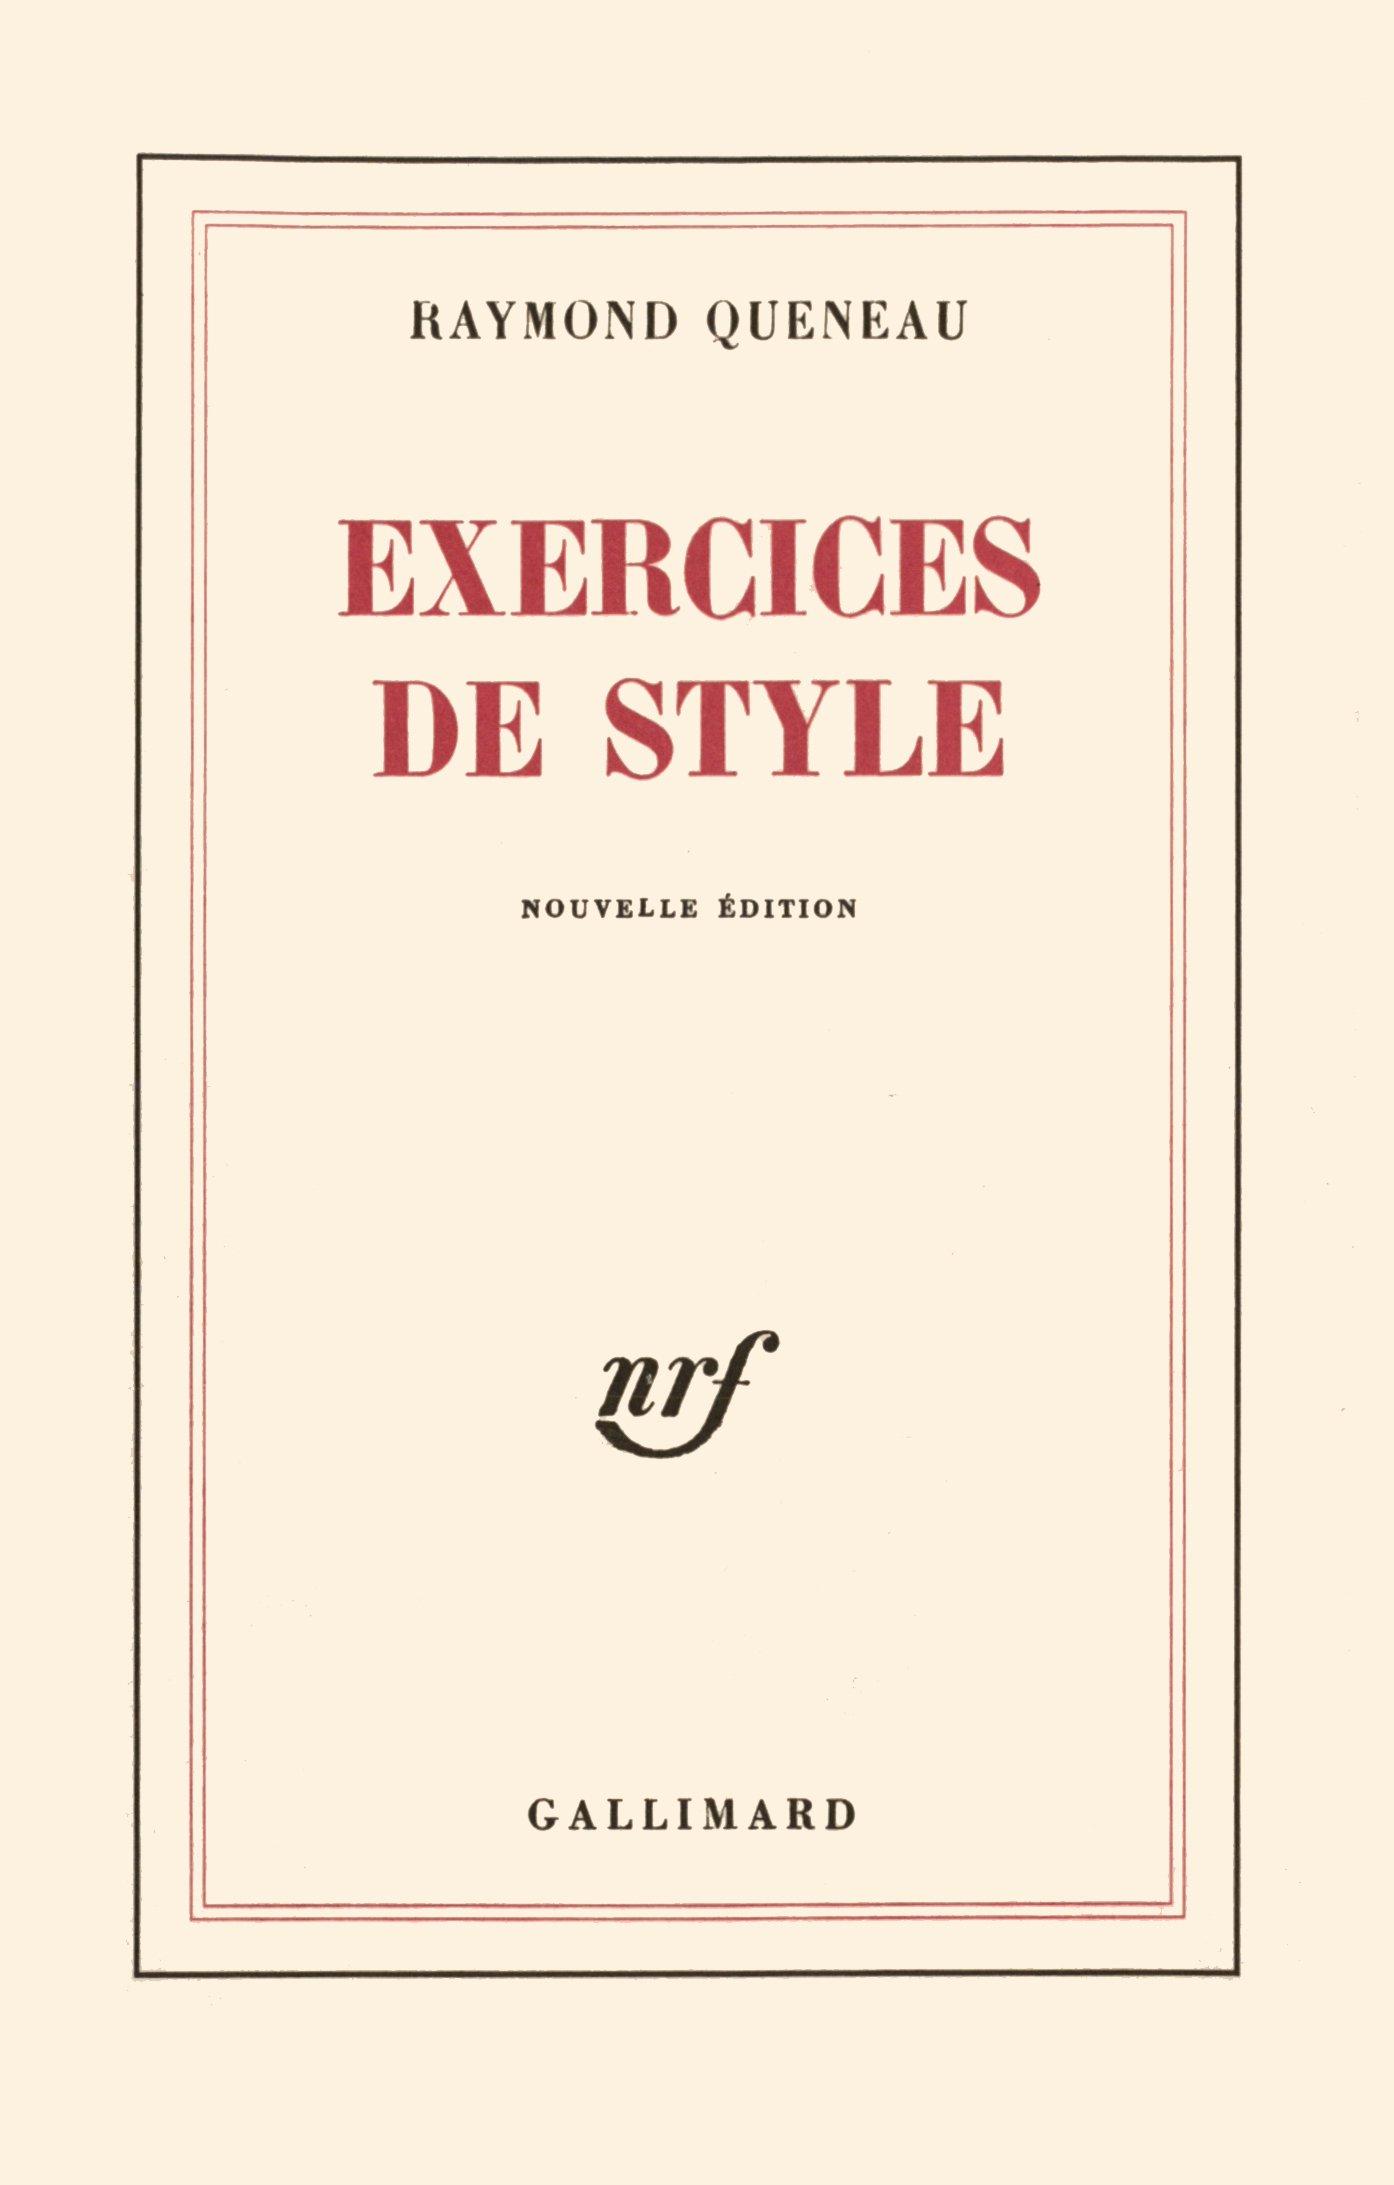 b6e13e2fac7 Amazon.fr - Exercices de style - Raymond Queneau - Livres